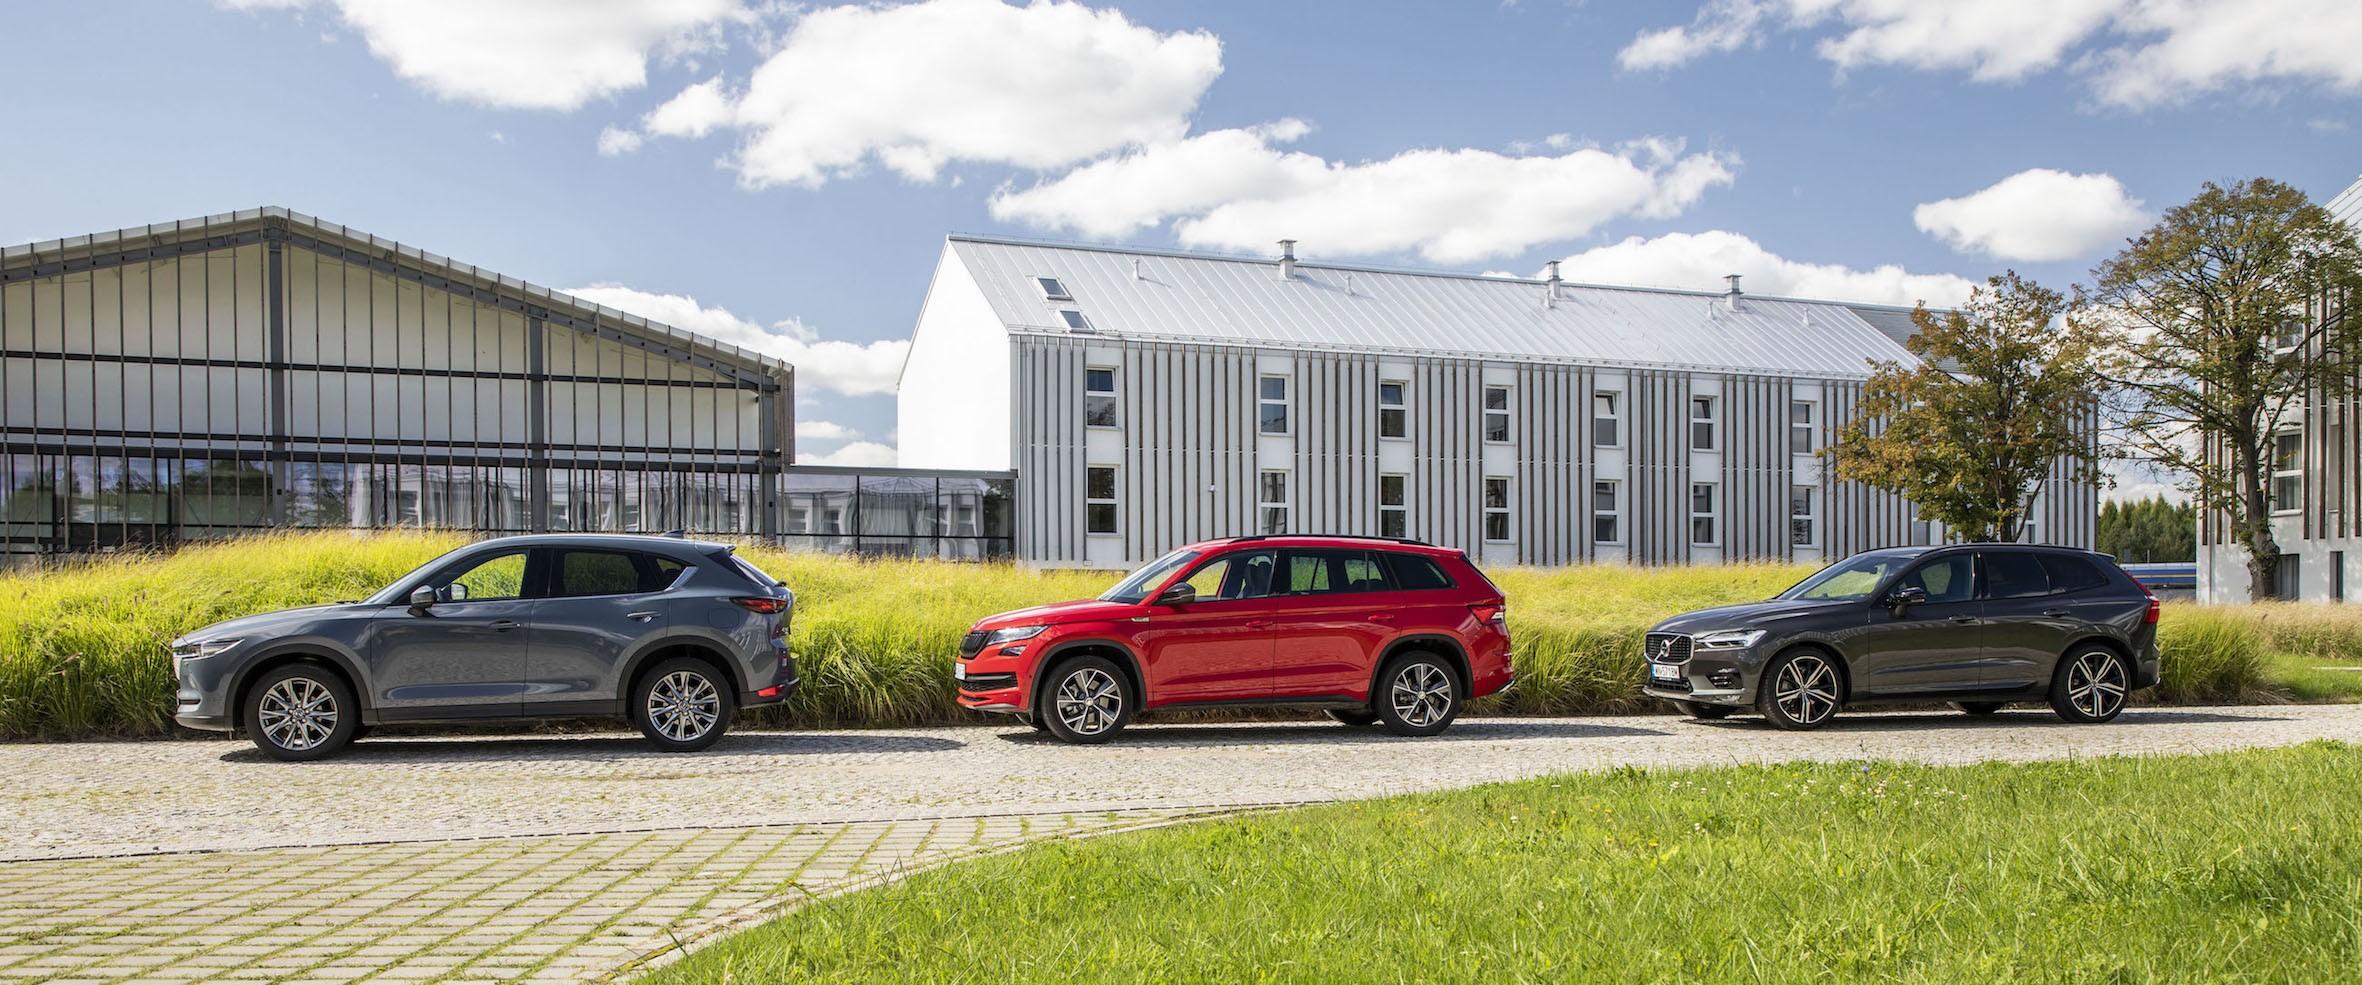 Mazda CX-5, Skoda Kodiaq, Volvo XC60